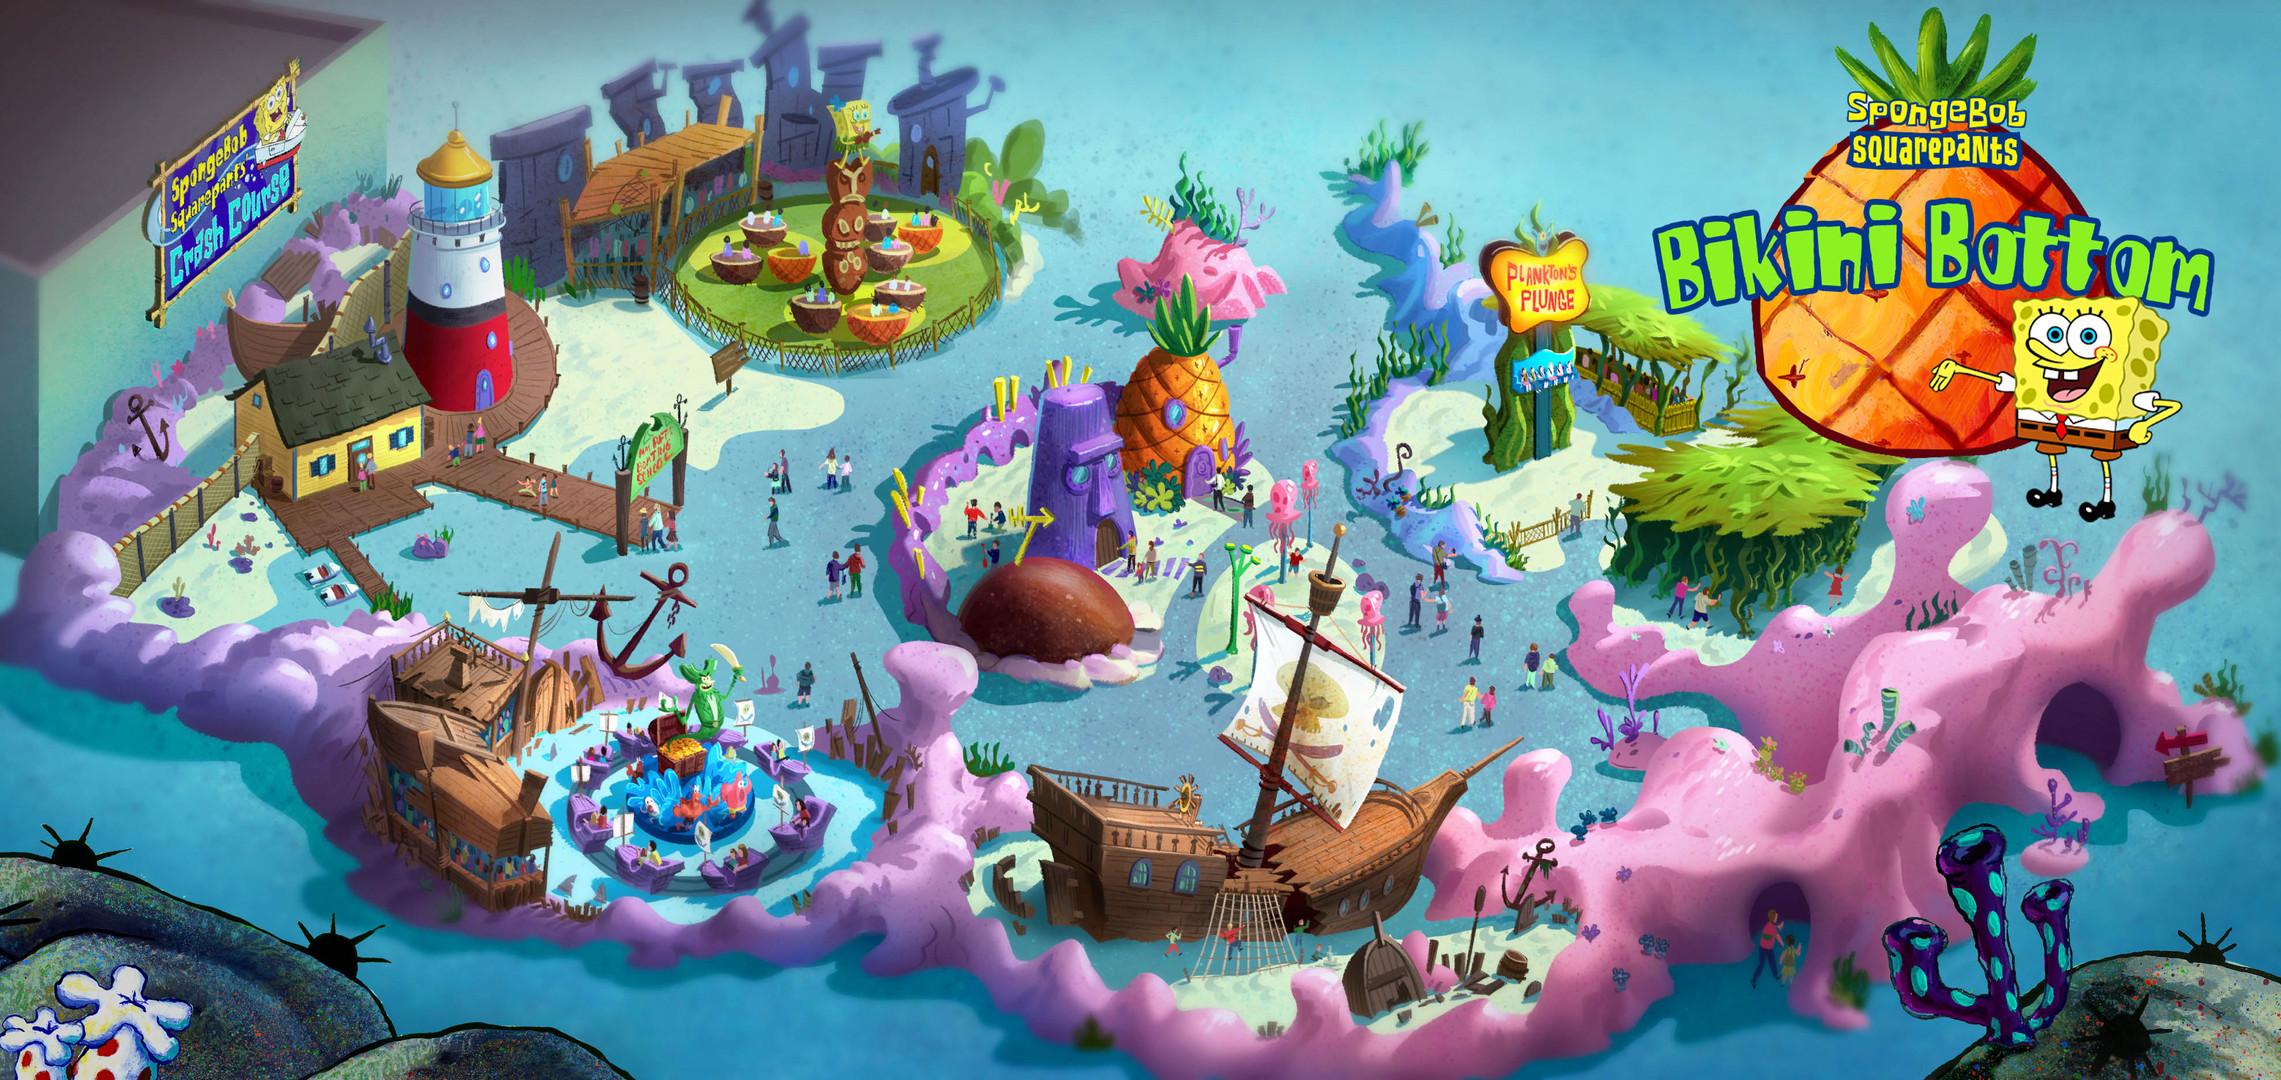 Nickelodeon_SpongeBob